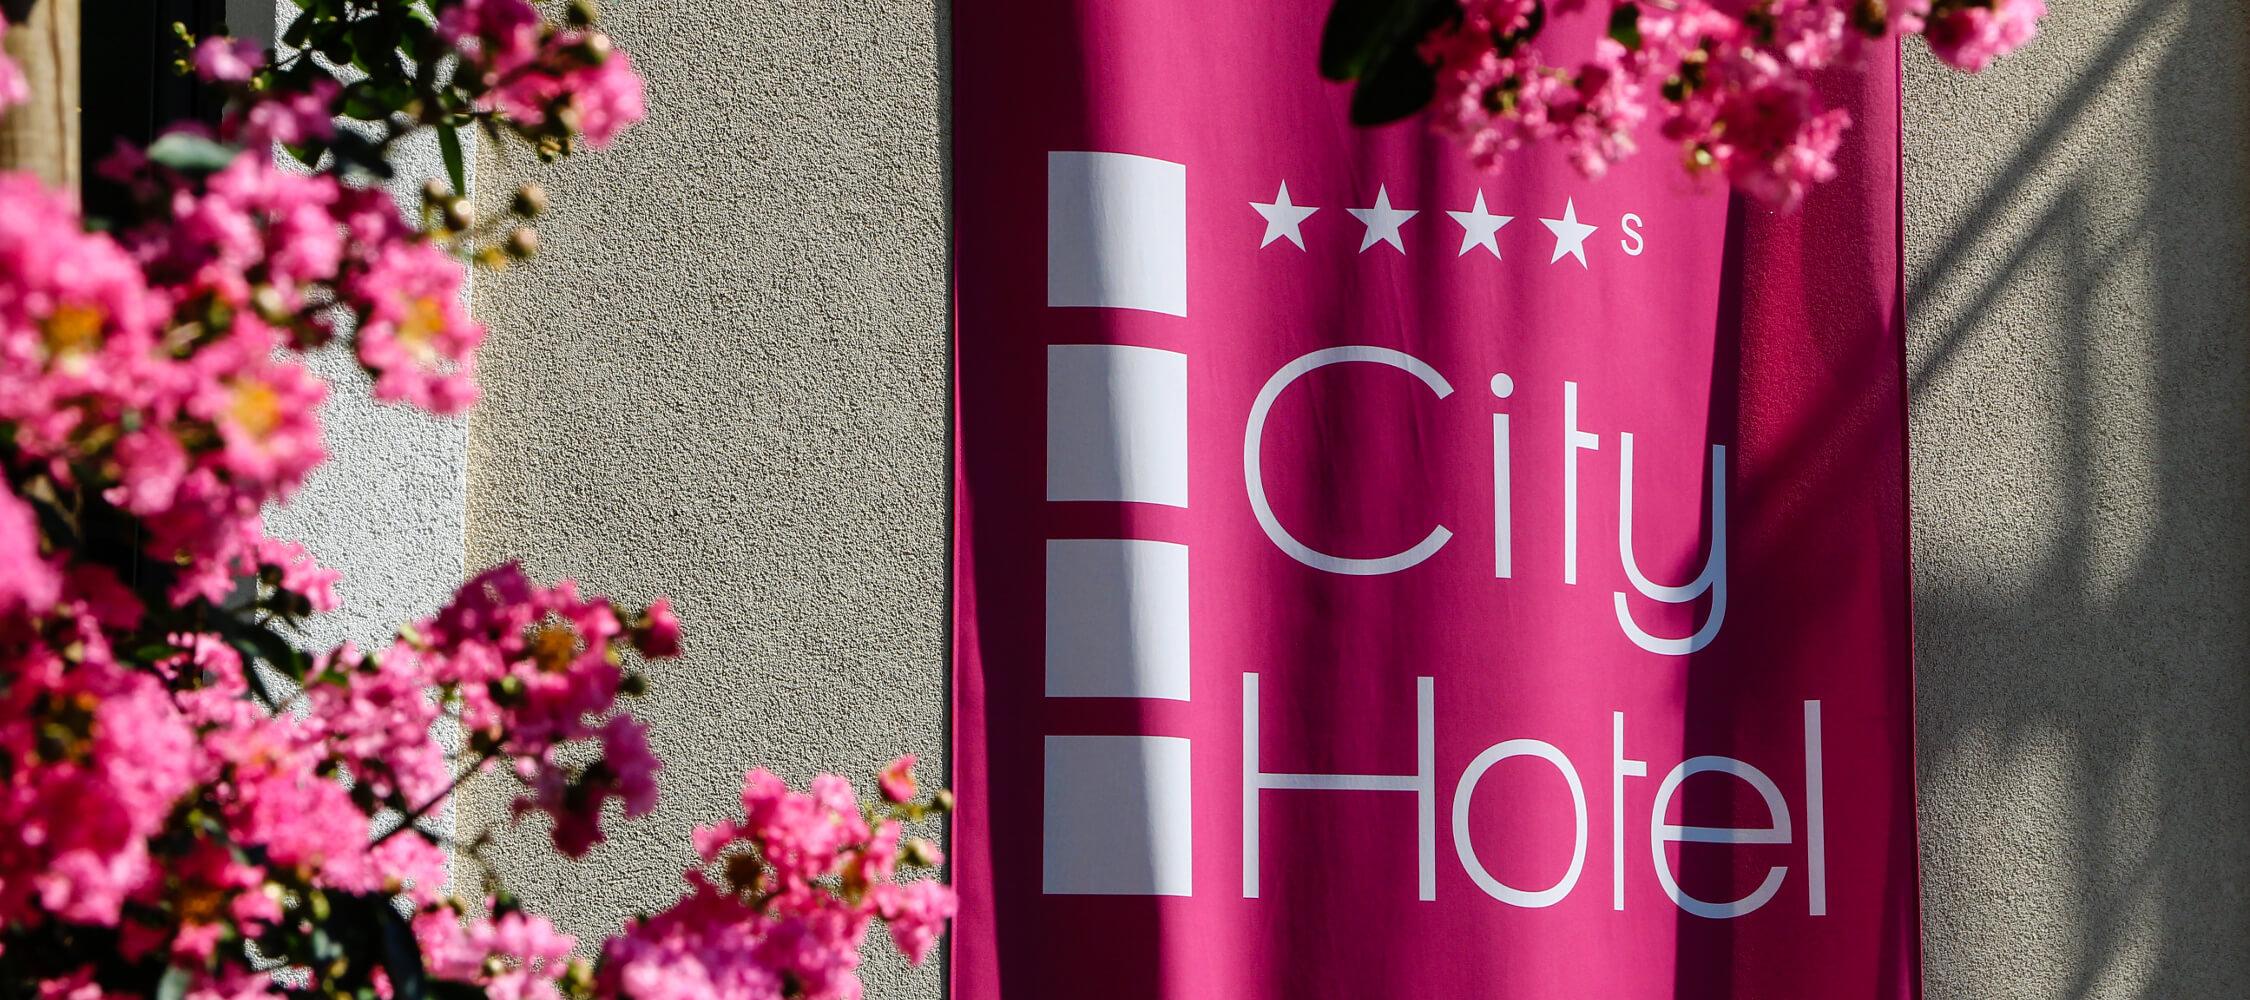 City Hotel Meran, 4-Sterne superior, modern und trendy, wenige Gehminuten zur Altstadt Merans